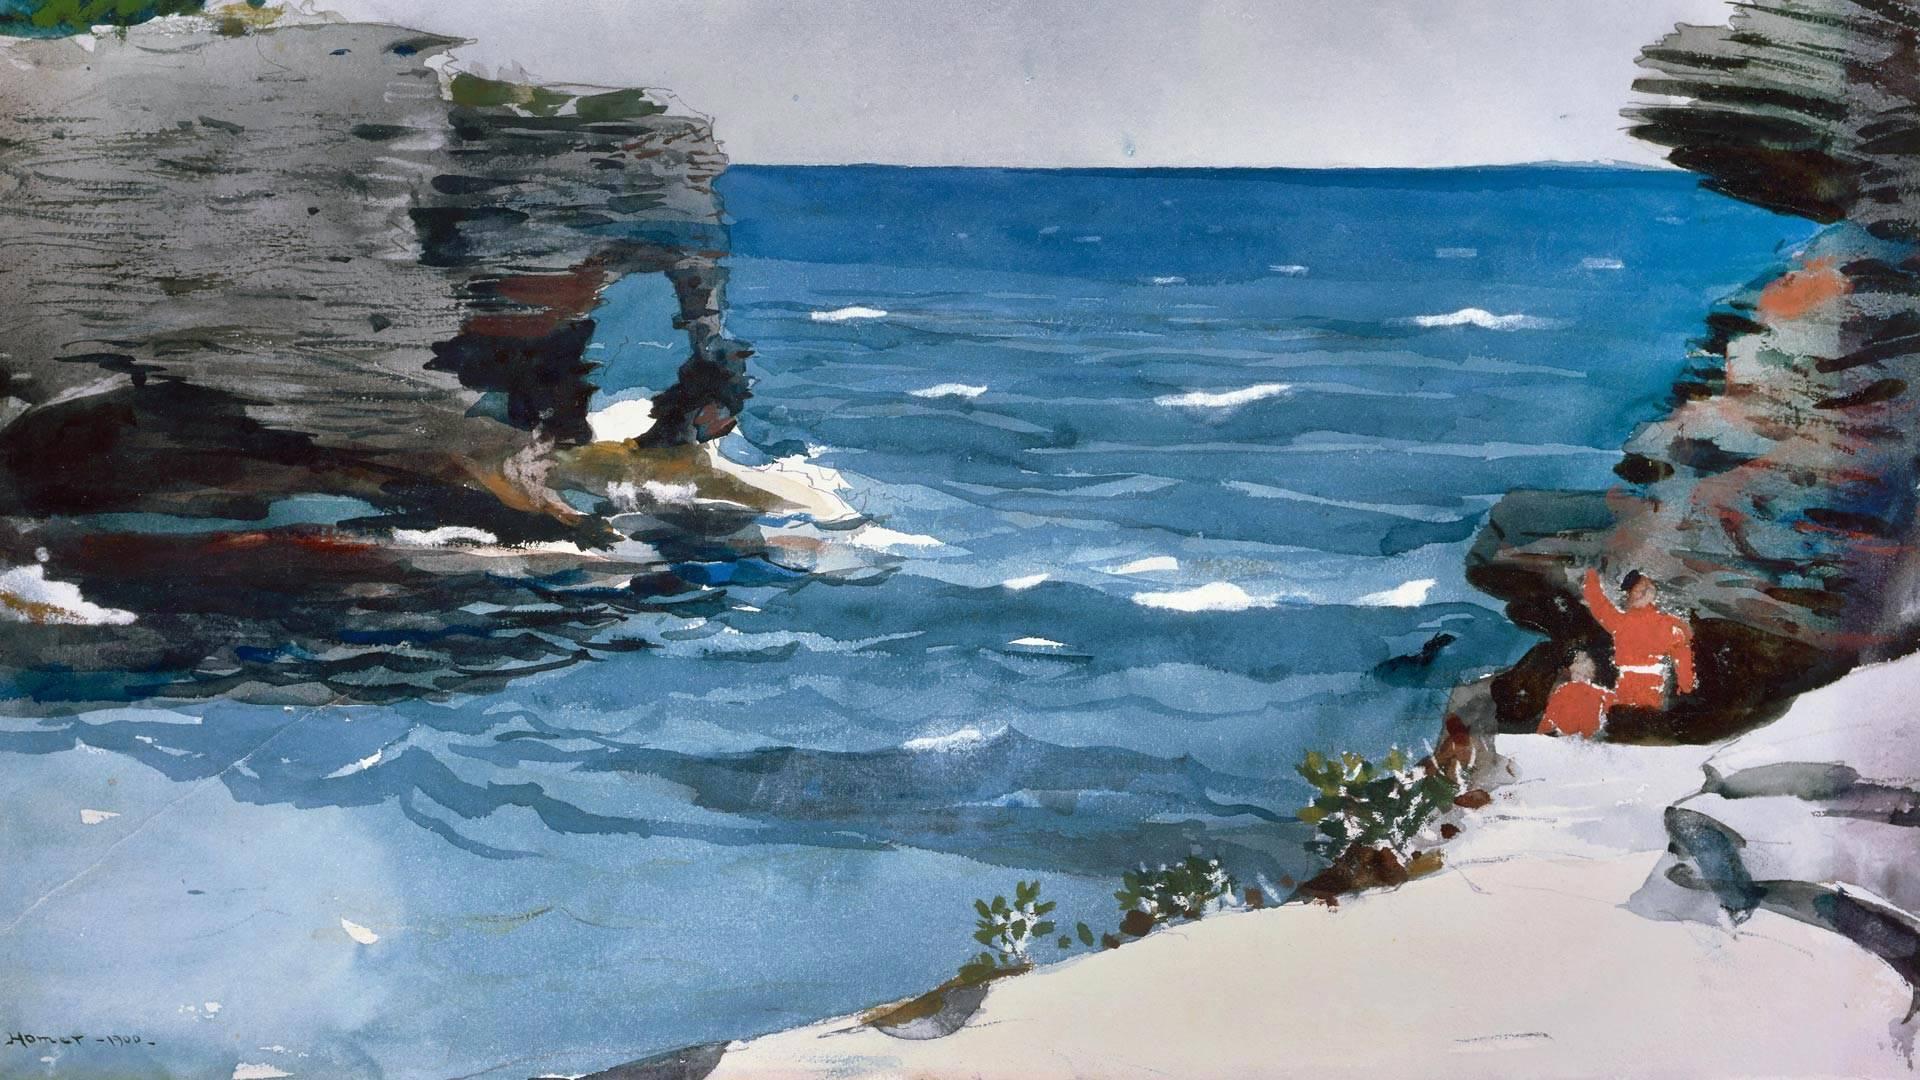 波士顿美术馆收藏的画家温斯洛·霍默的水彩画Rocky Shore